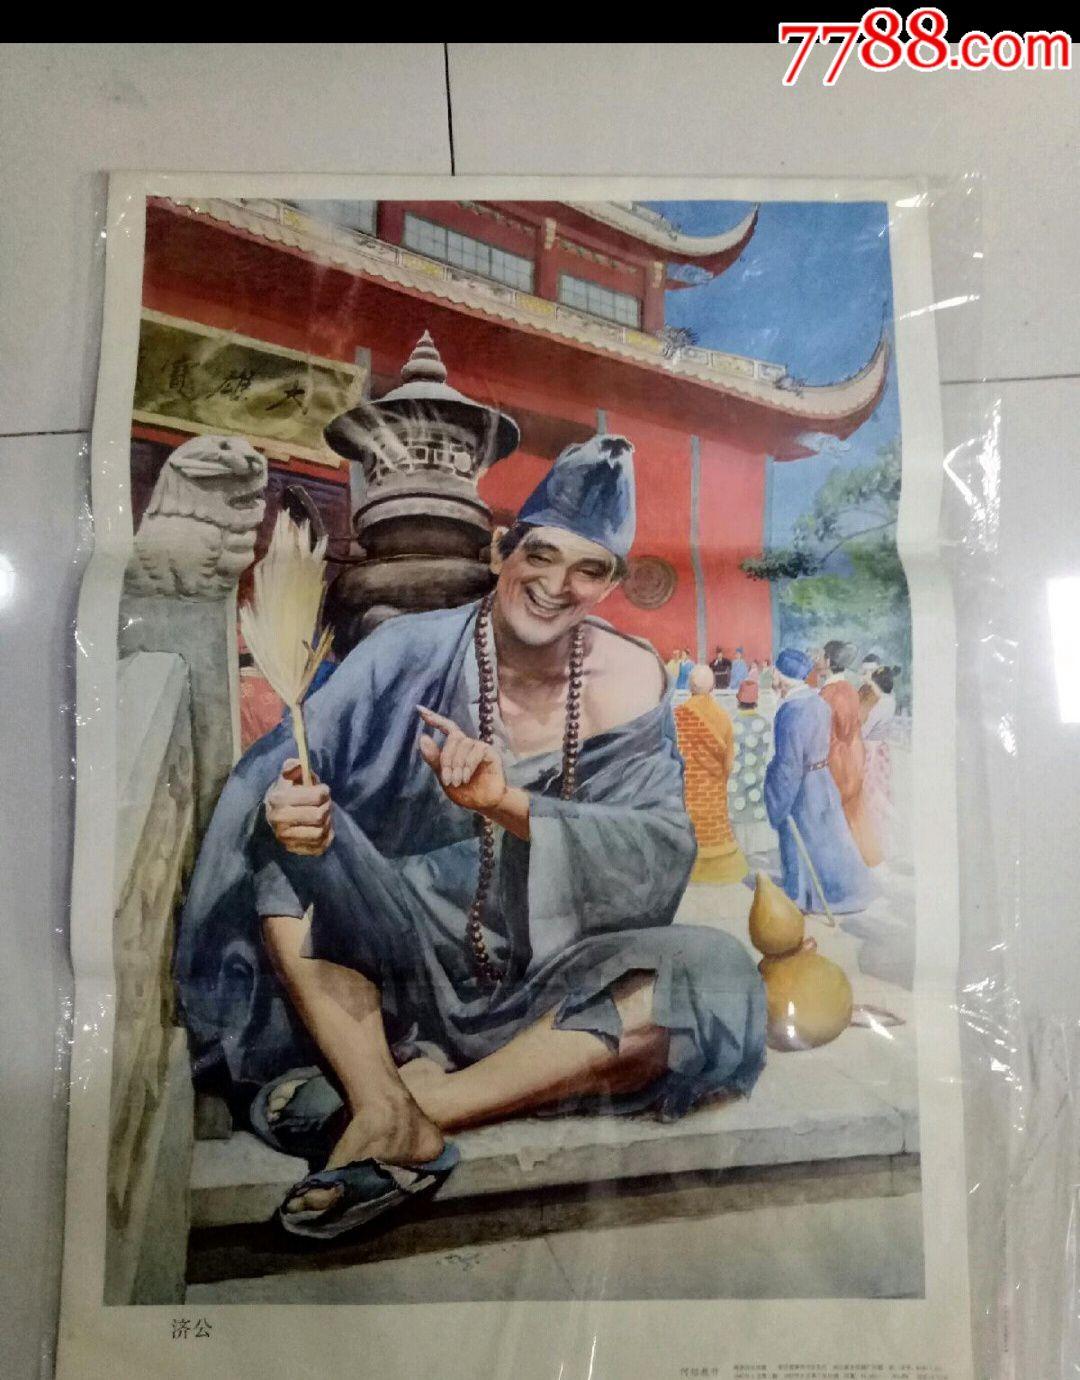 稀少精品活佛济公年画(au19930958)_